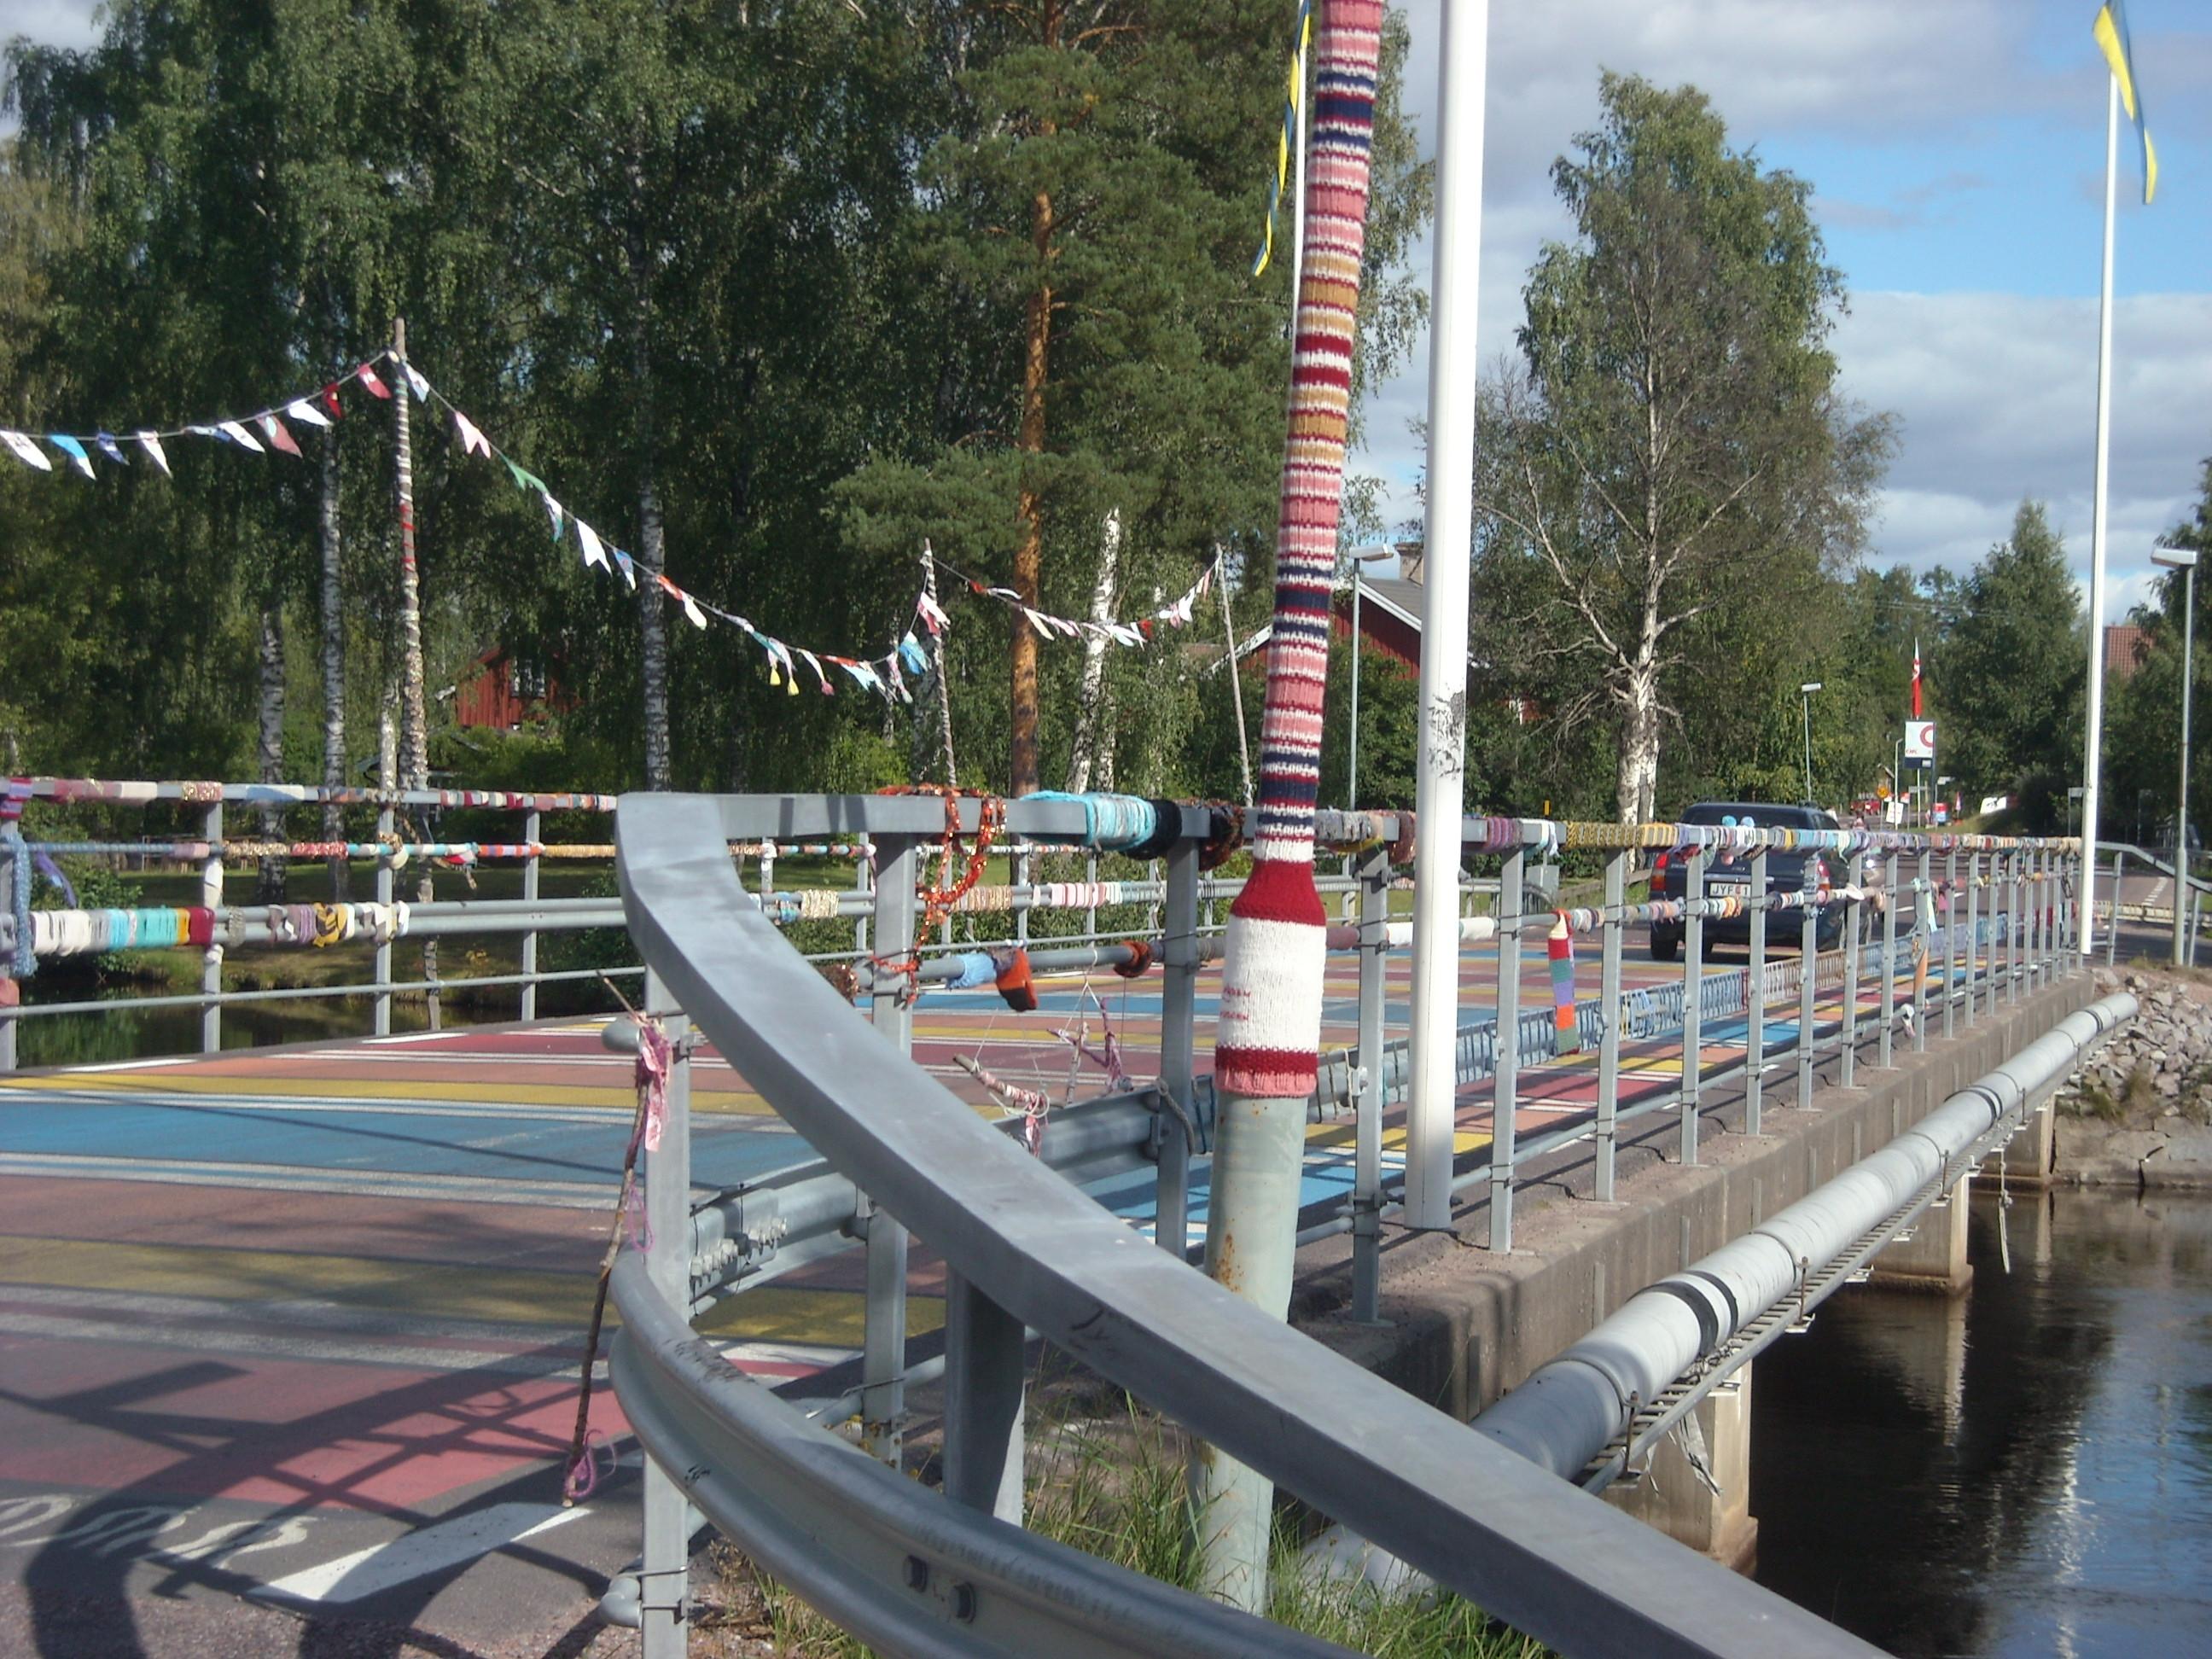 Stickade bron